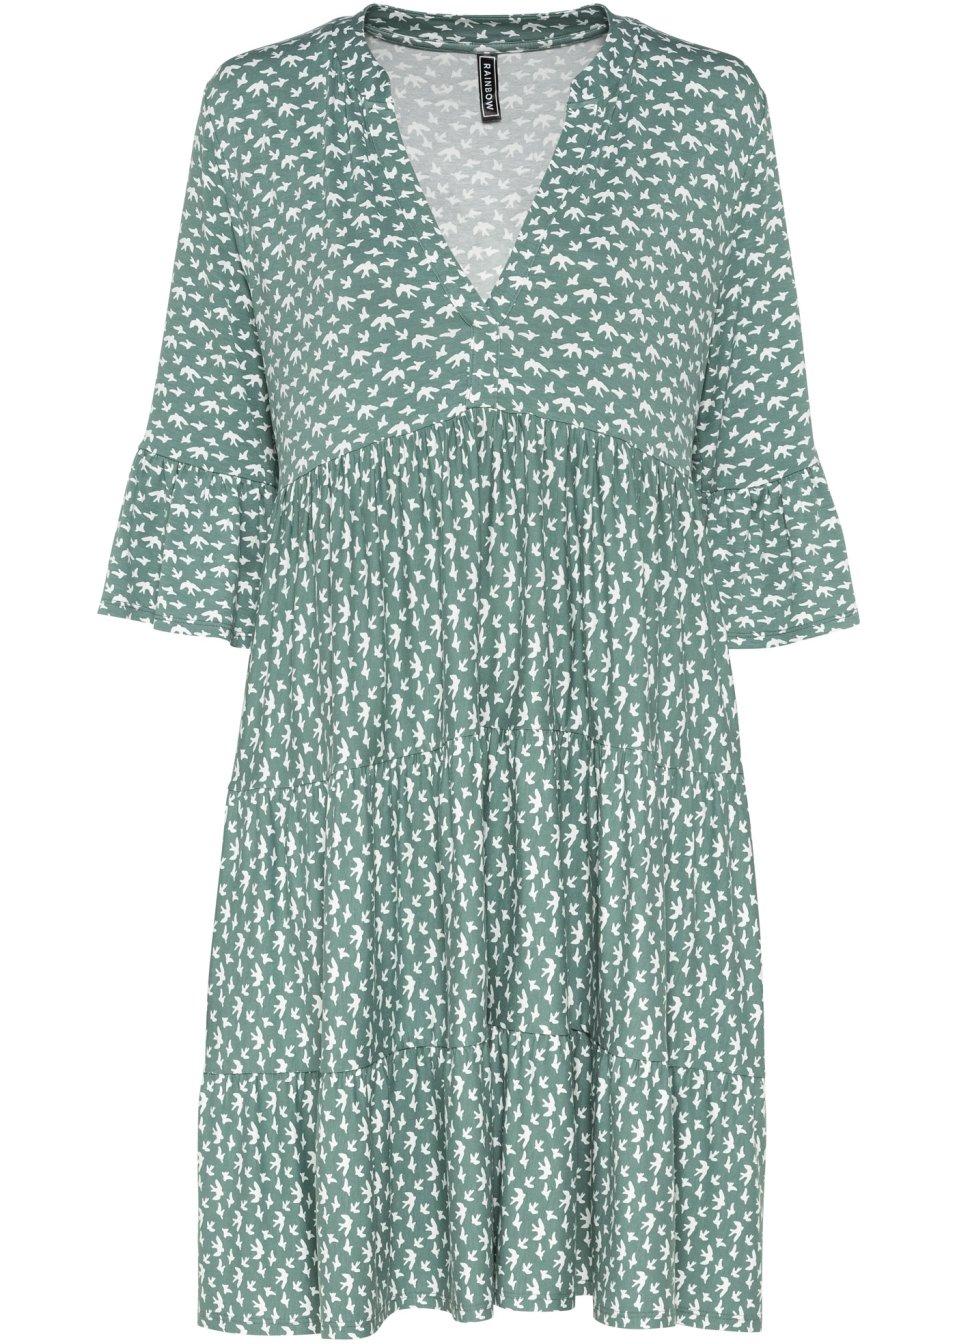 gemustertes Kleid mit V-Ausschnitt grün/weiß gemustert - RAINBOW - bonprix.de 3U0JS GGQ85